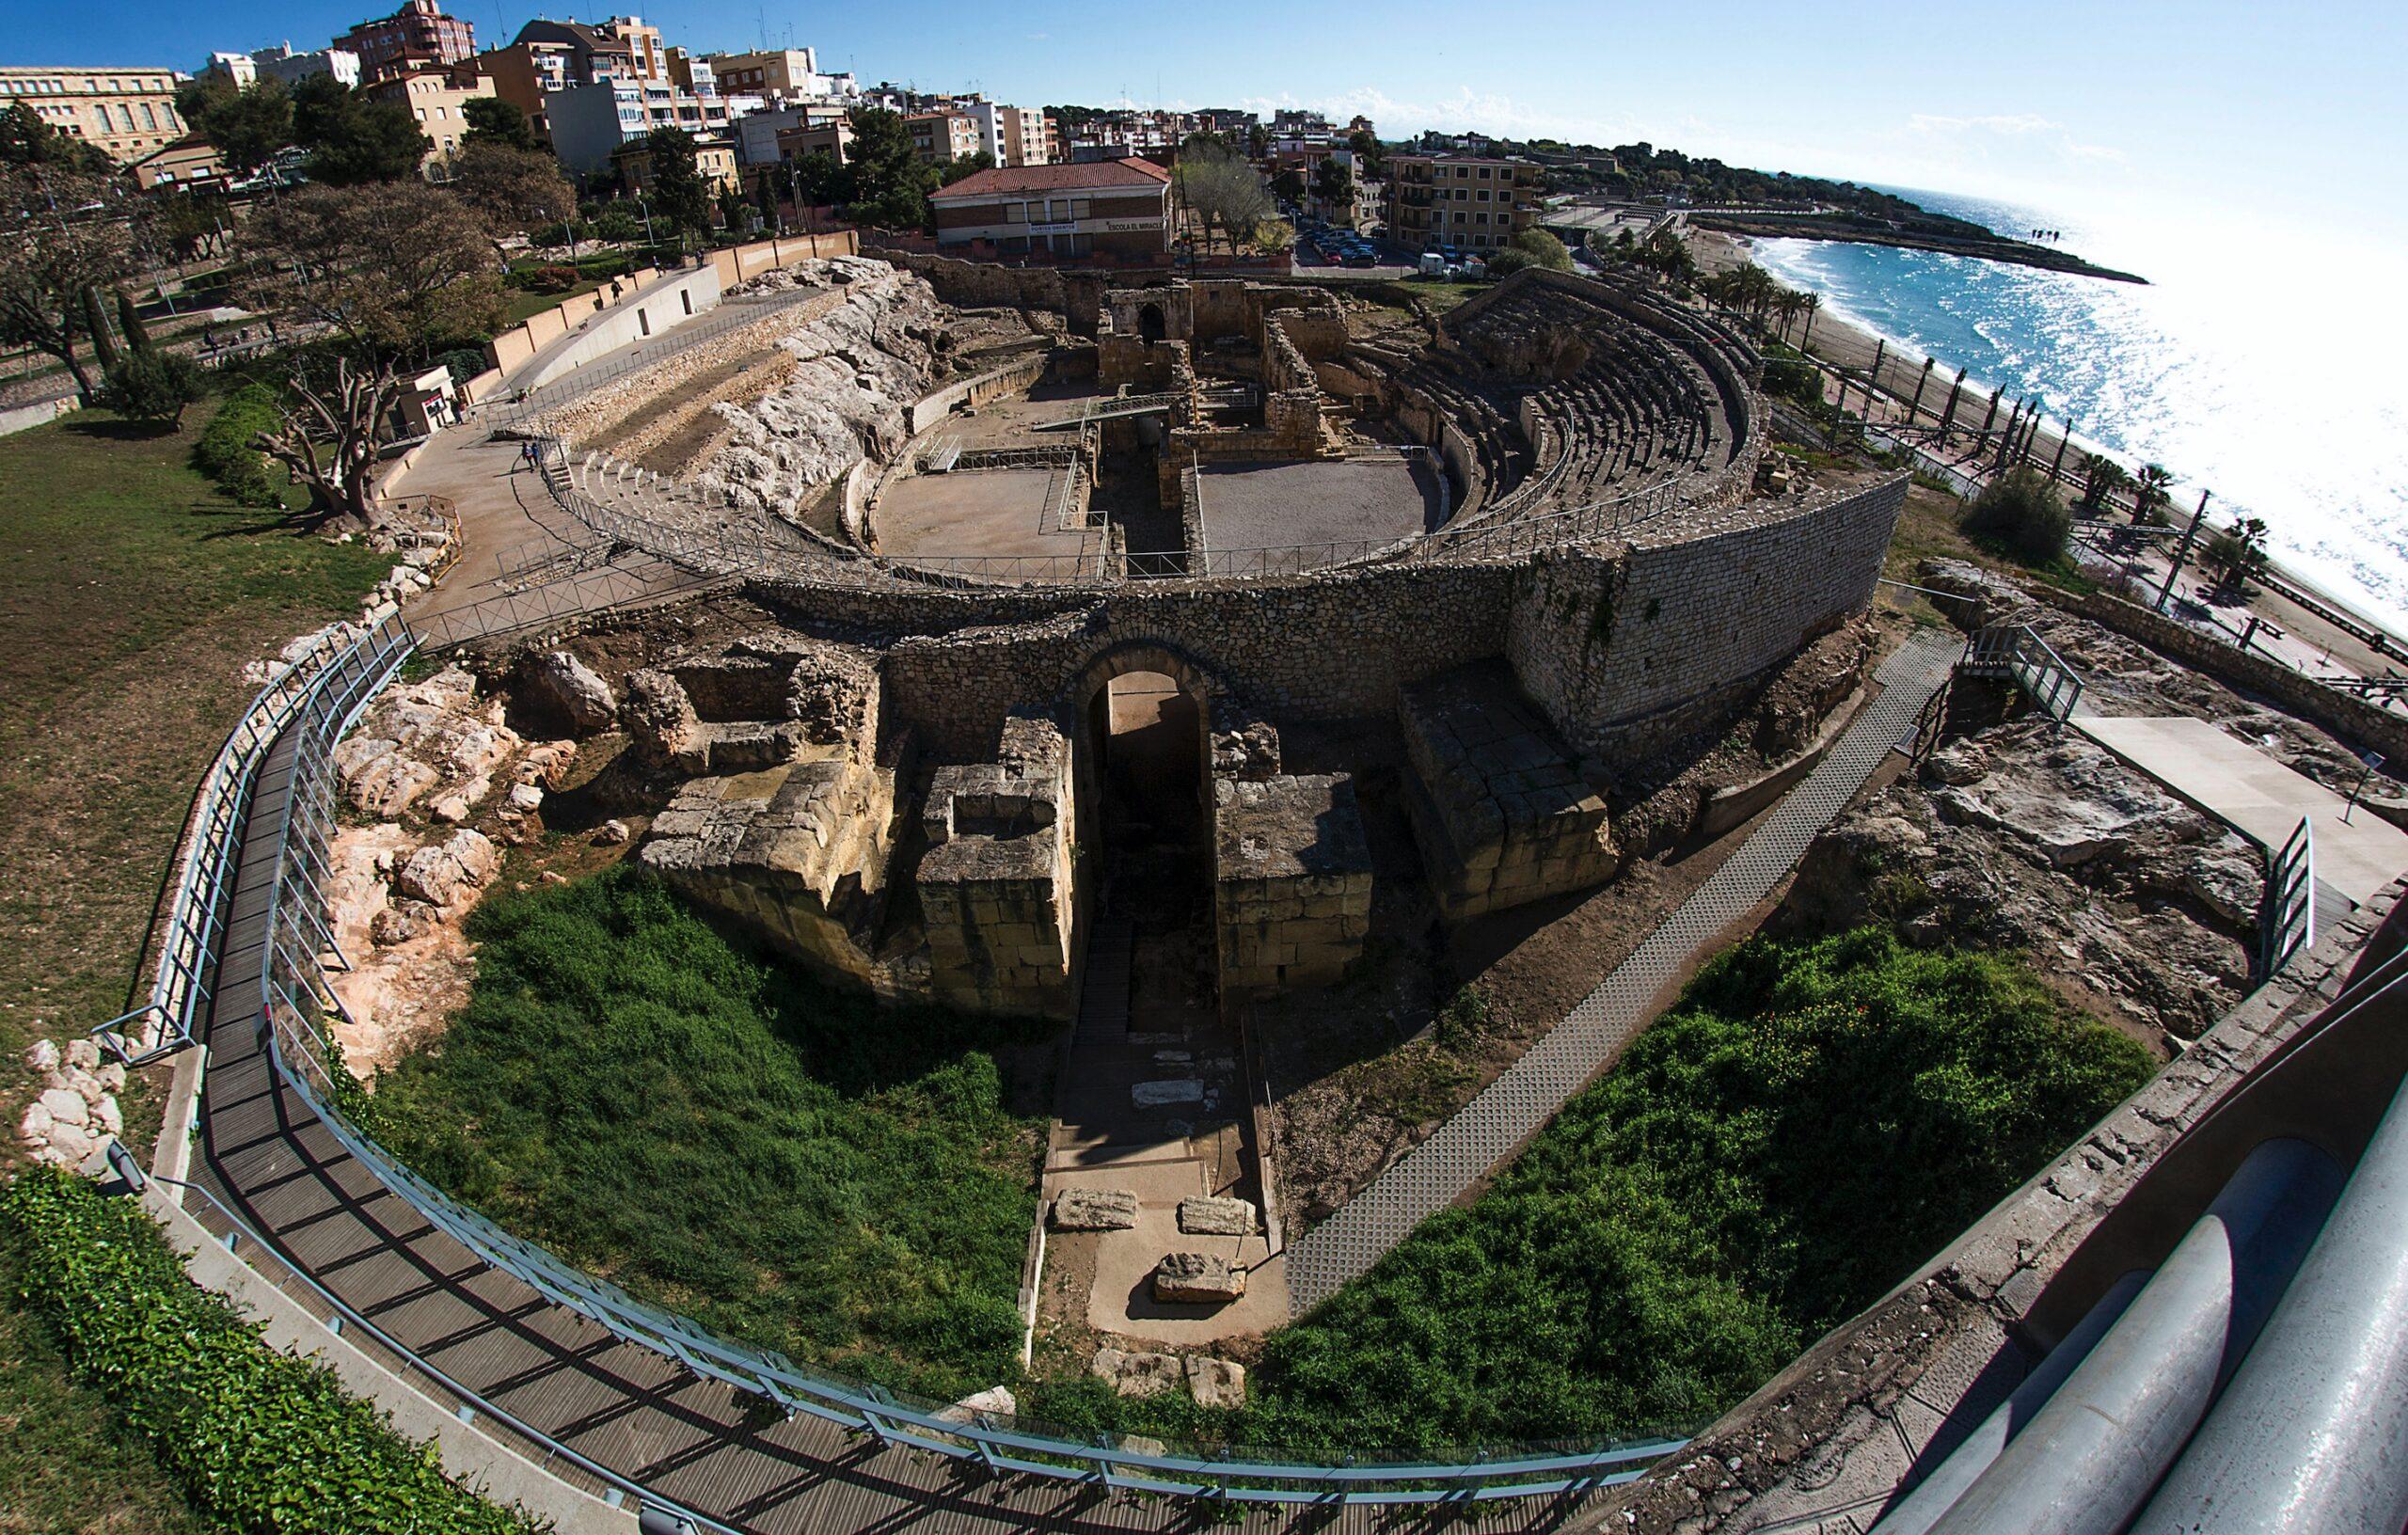 Vuelve a disfrutar de Tarragona… ¡con el paladar!